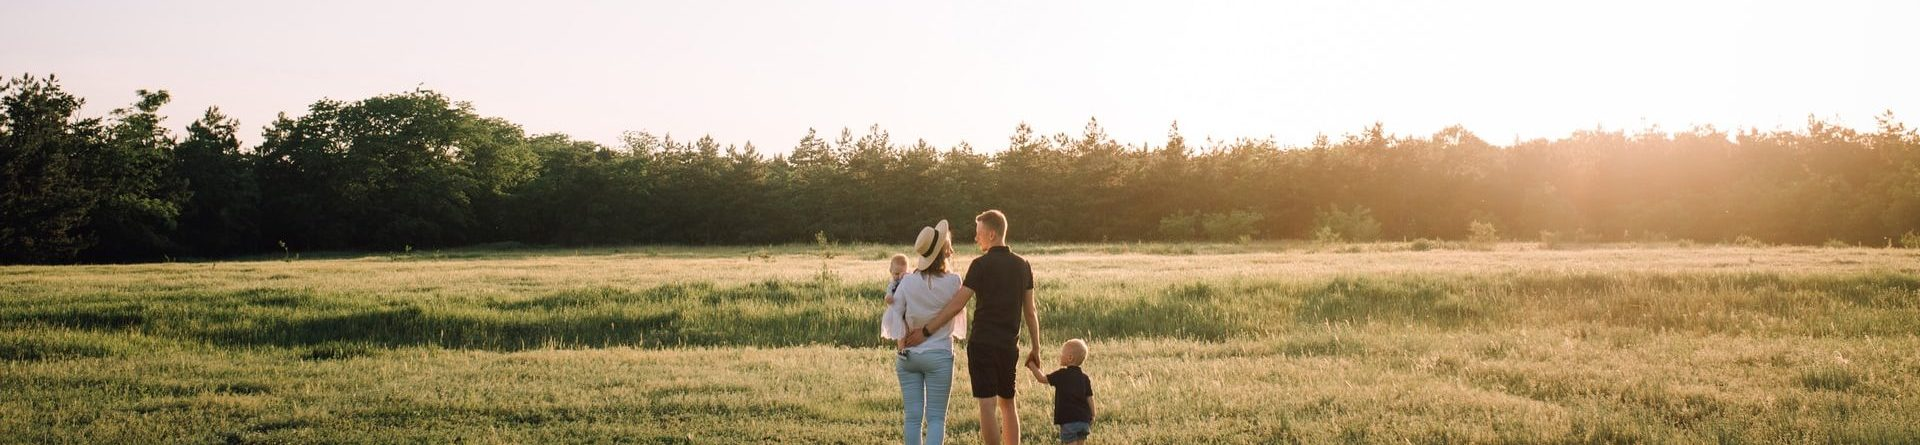 Переезд в Великобританию с семьей и детьми